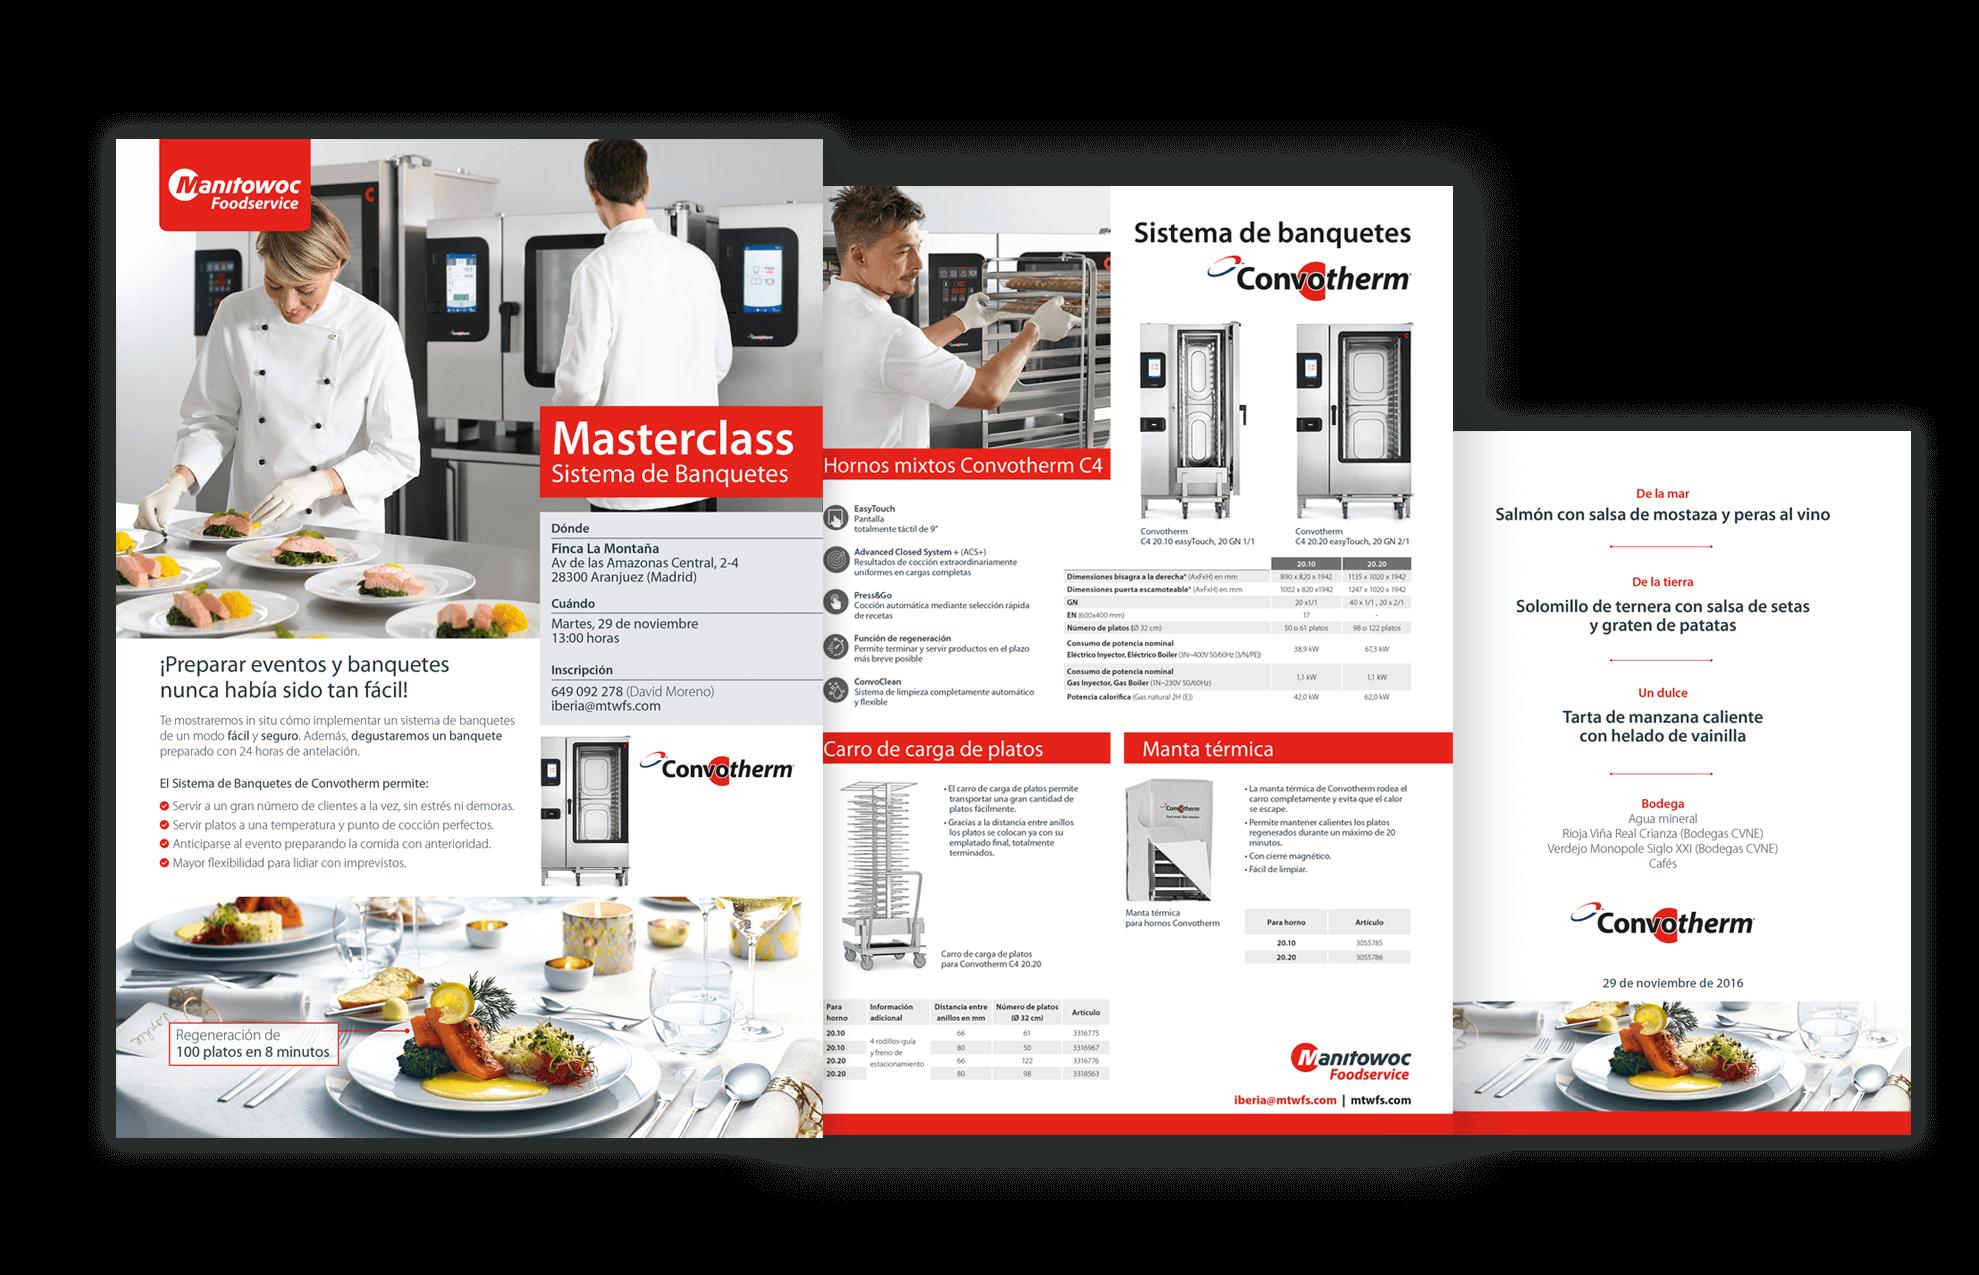 elementos comunicacion eventos barcelona - Soluciones en marketing, diseño gráfico... para Manitowoc